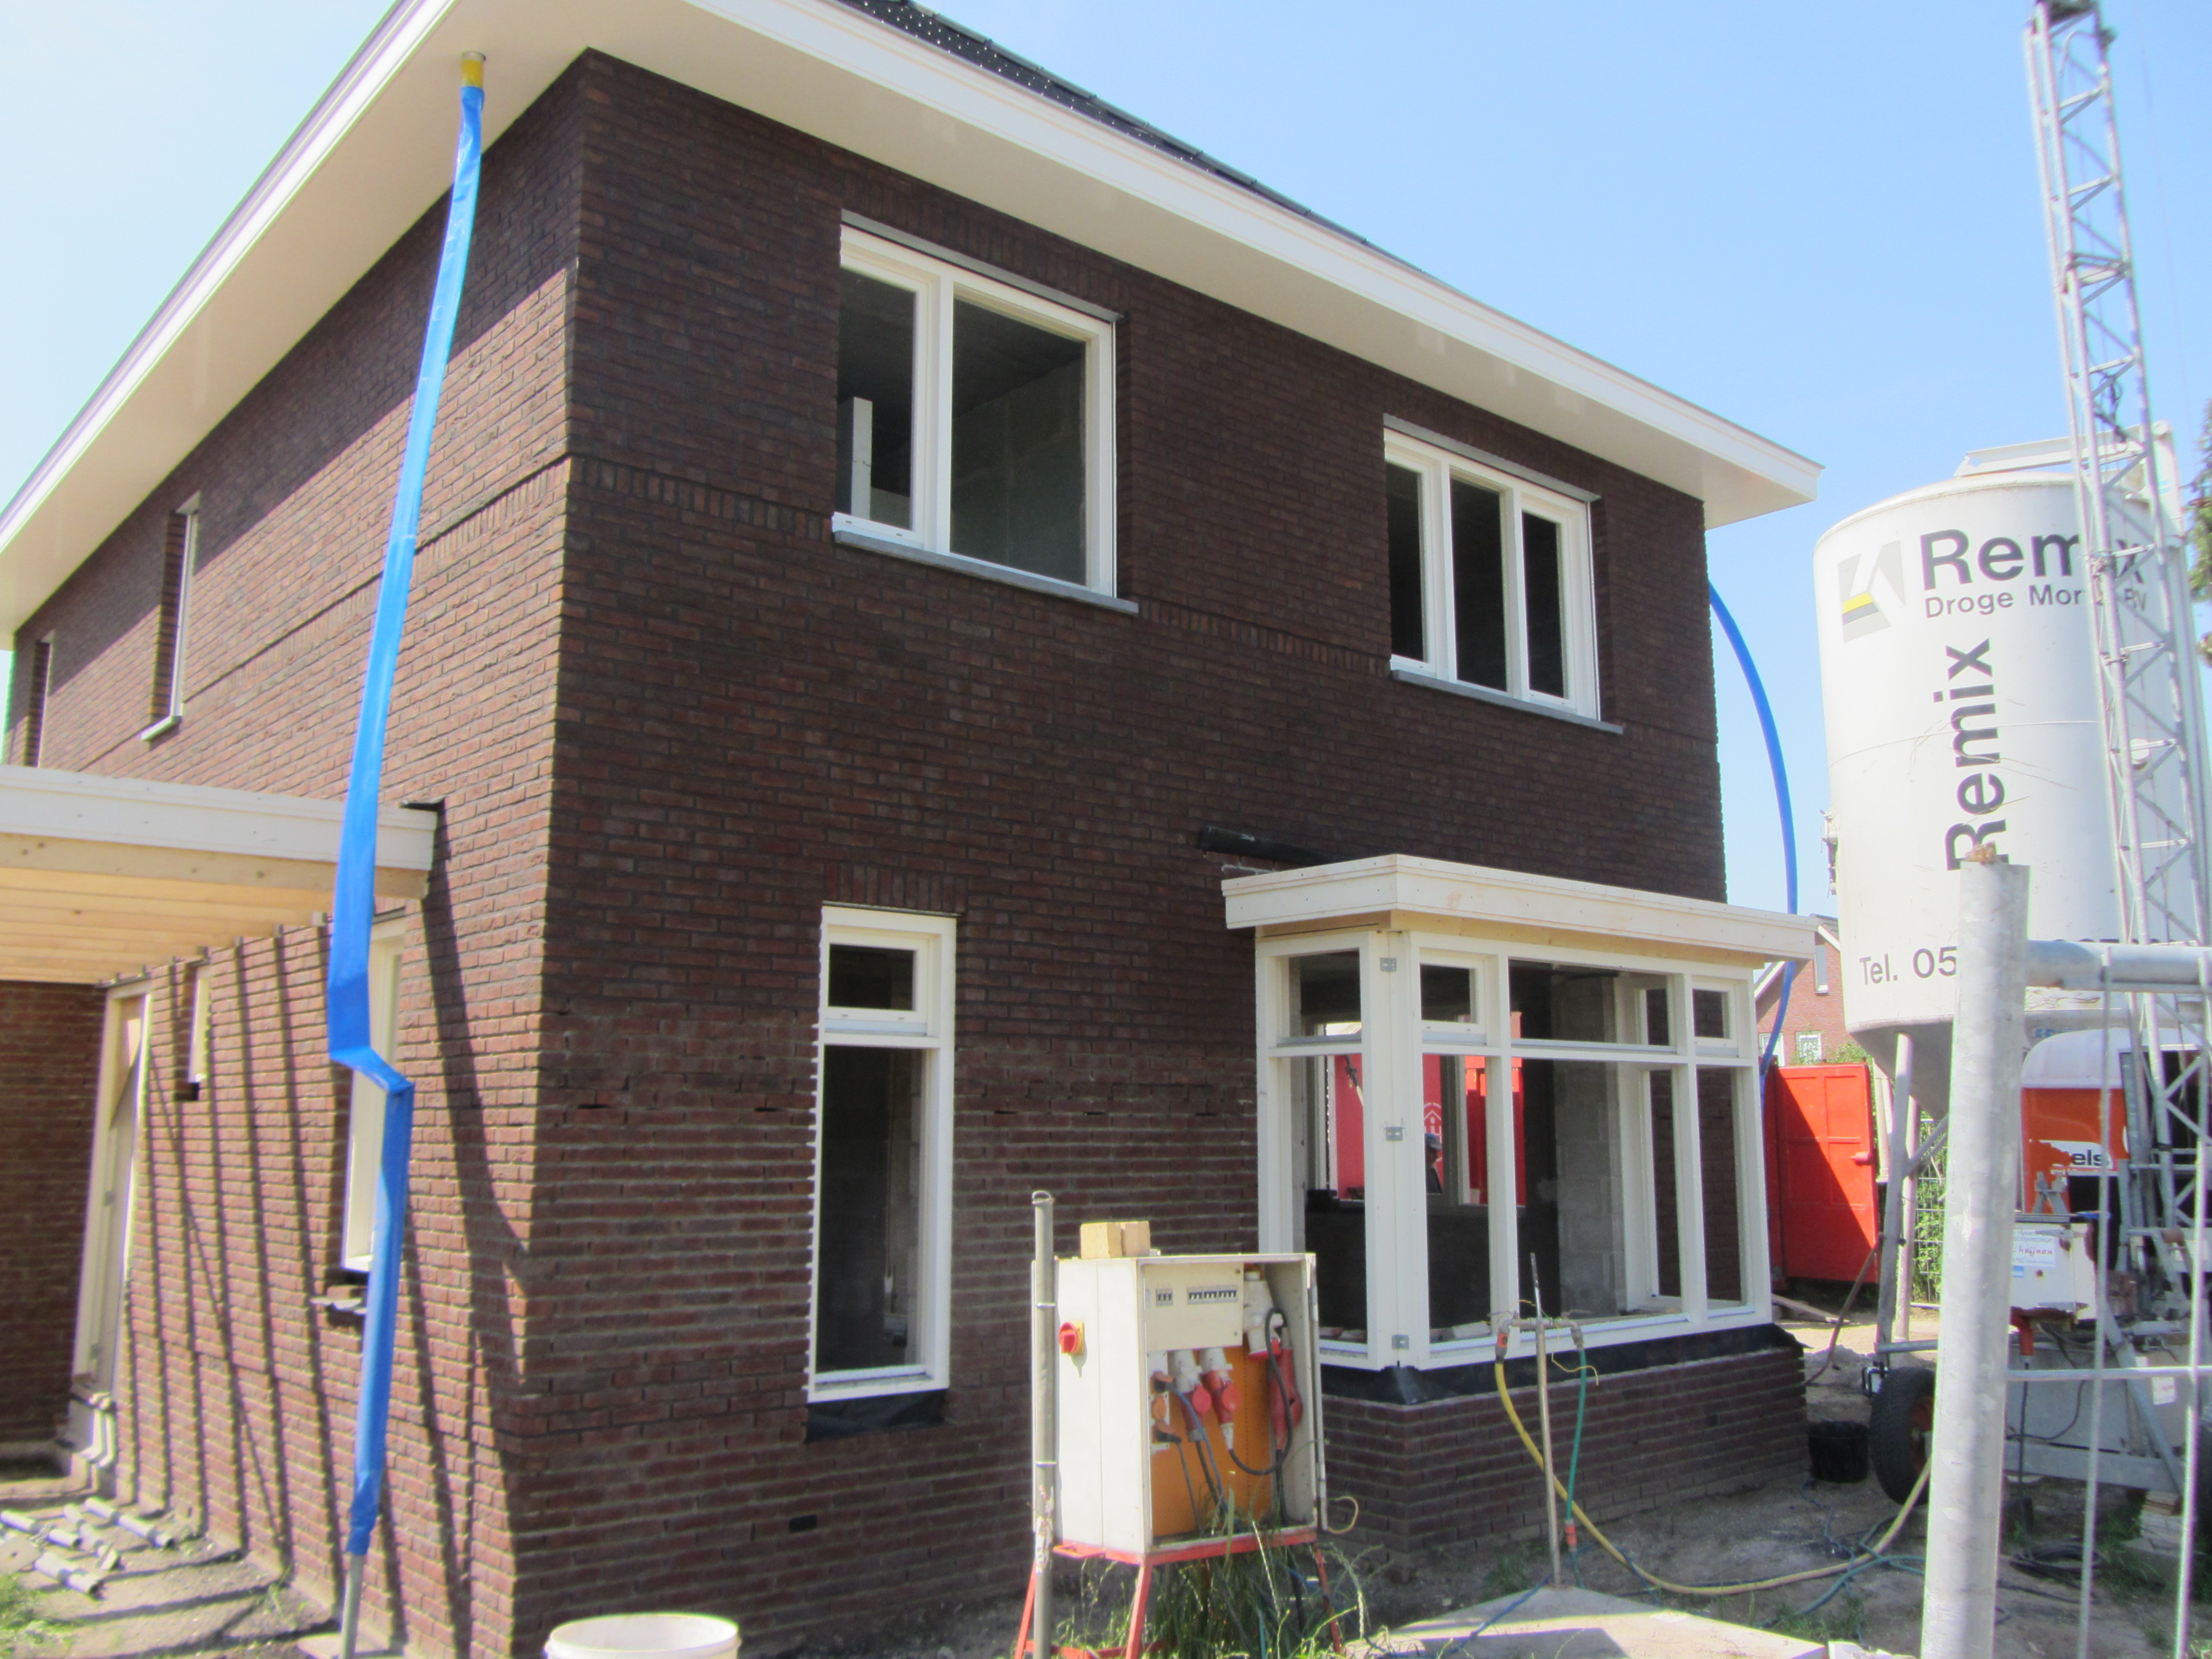 Bouwen of verbouwen zonder zorgen for Zelf huis bouwen kostprijs